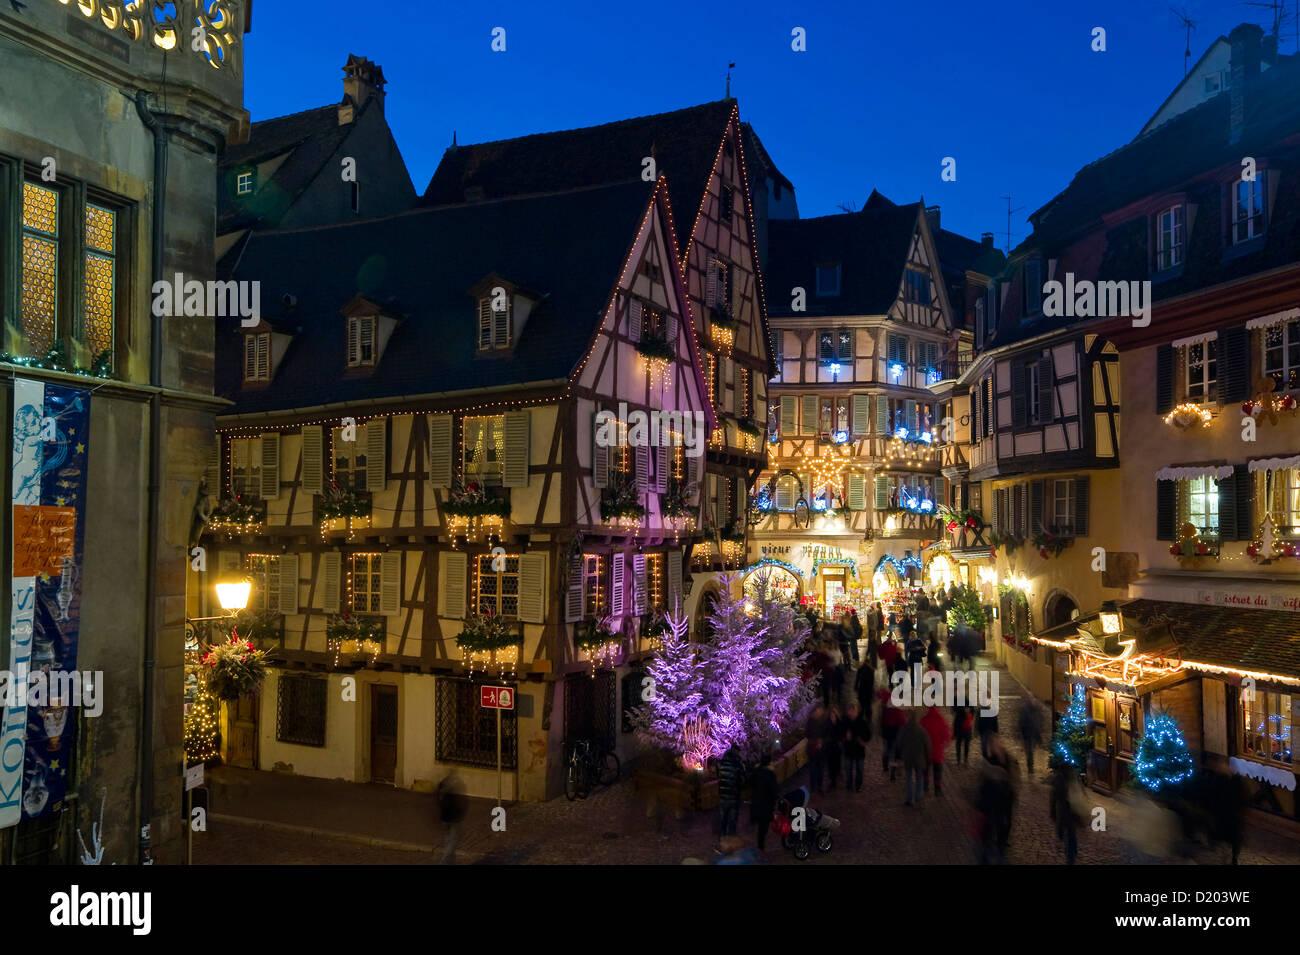 Colmar Weihnachtsmarkt.Weihnachtsmarkt Und Altstadt Colmar Elsass Frankreich Stockfoto